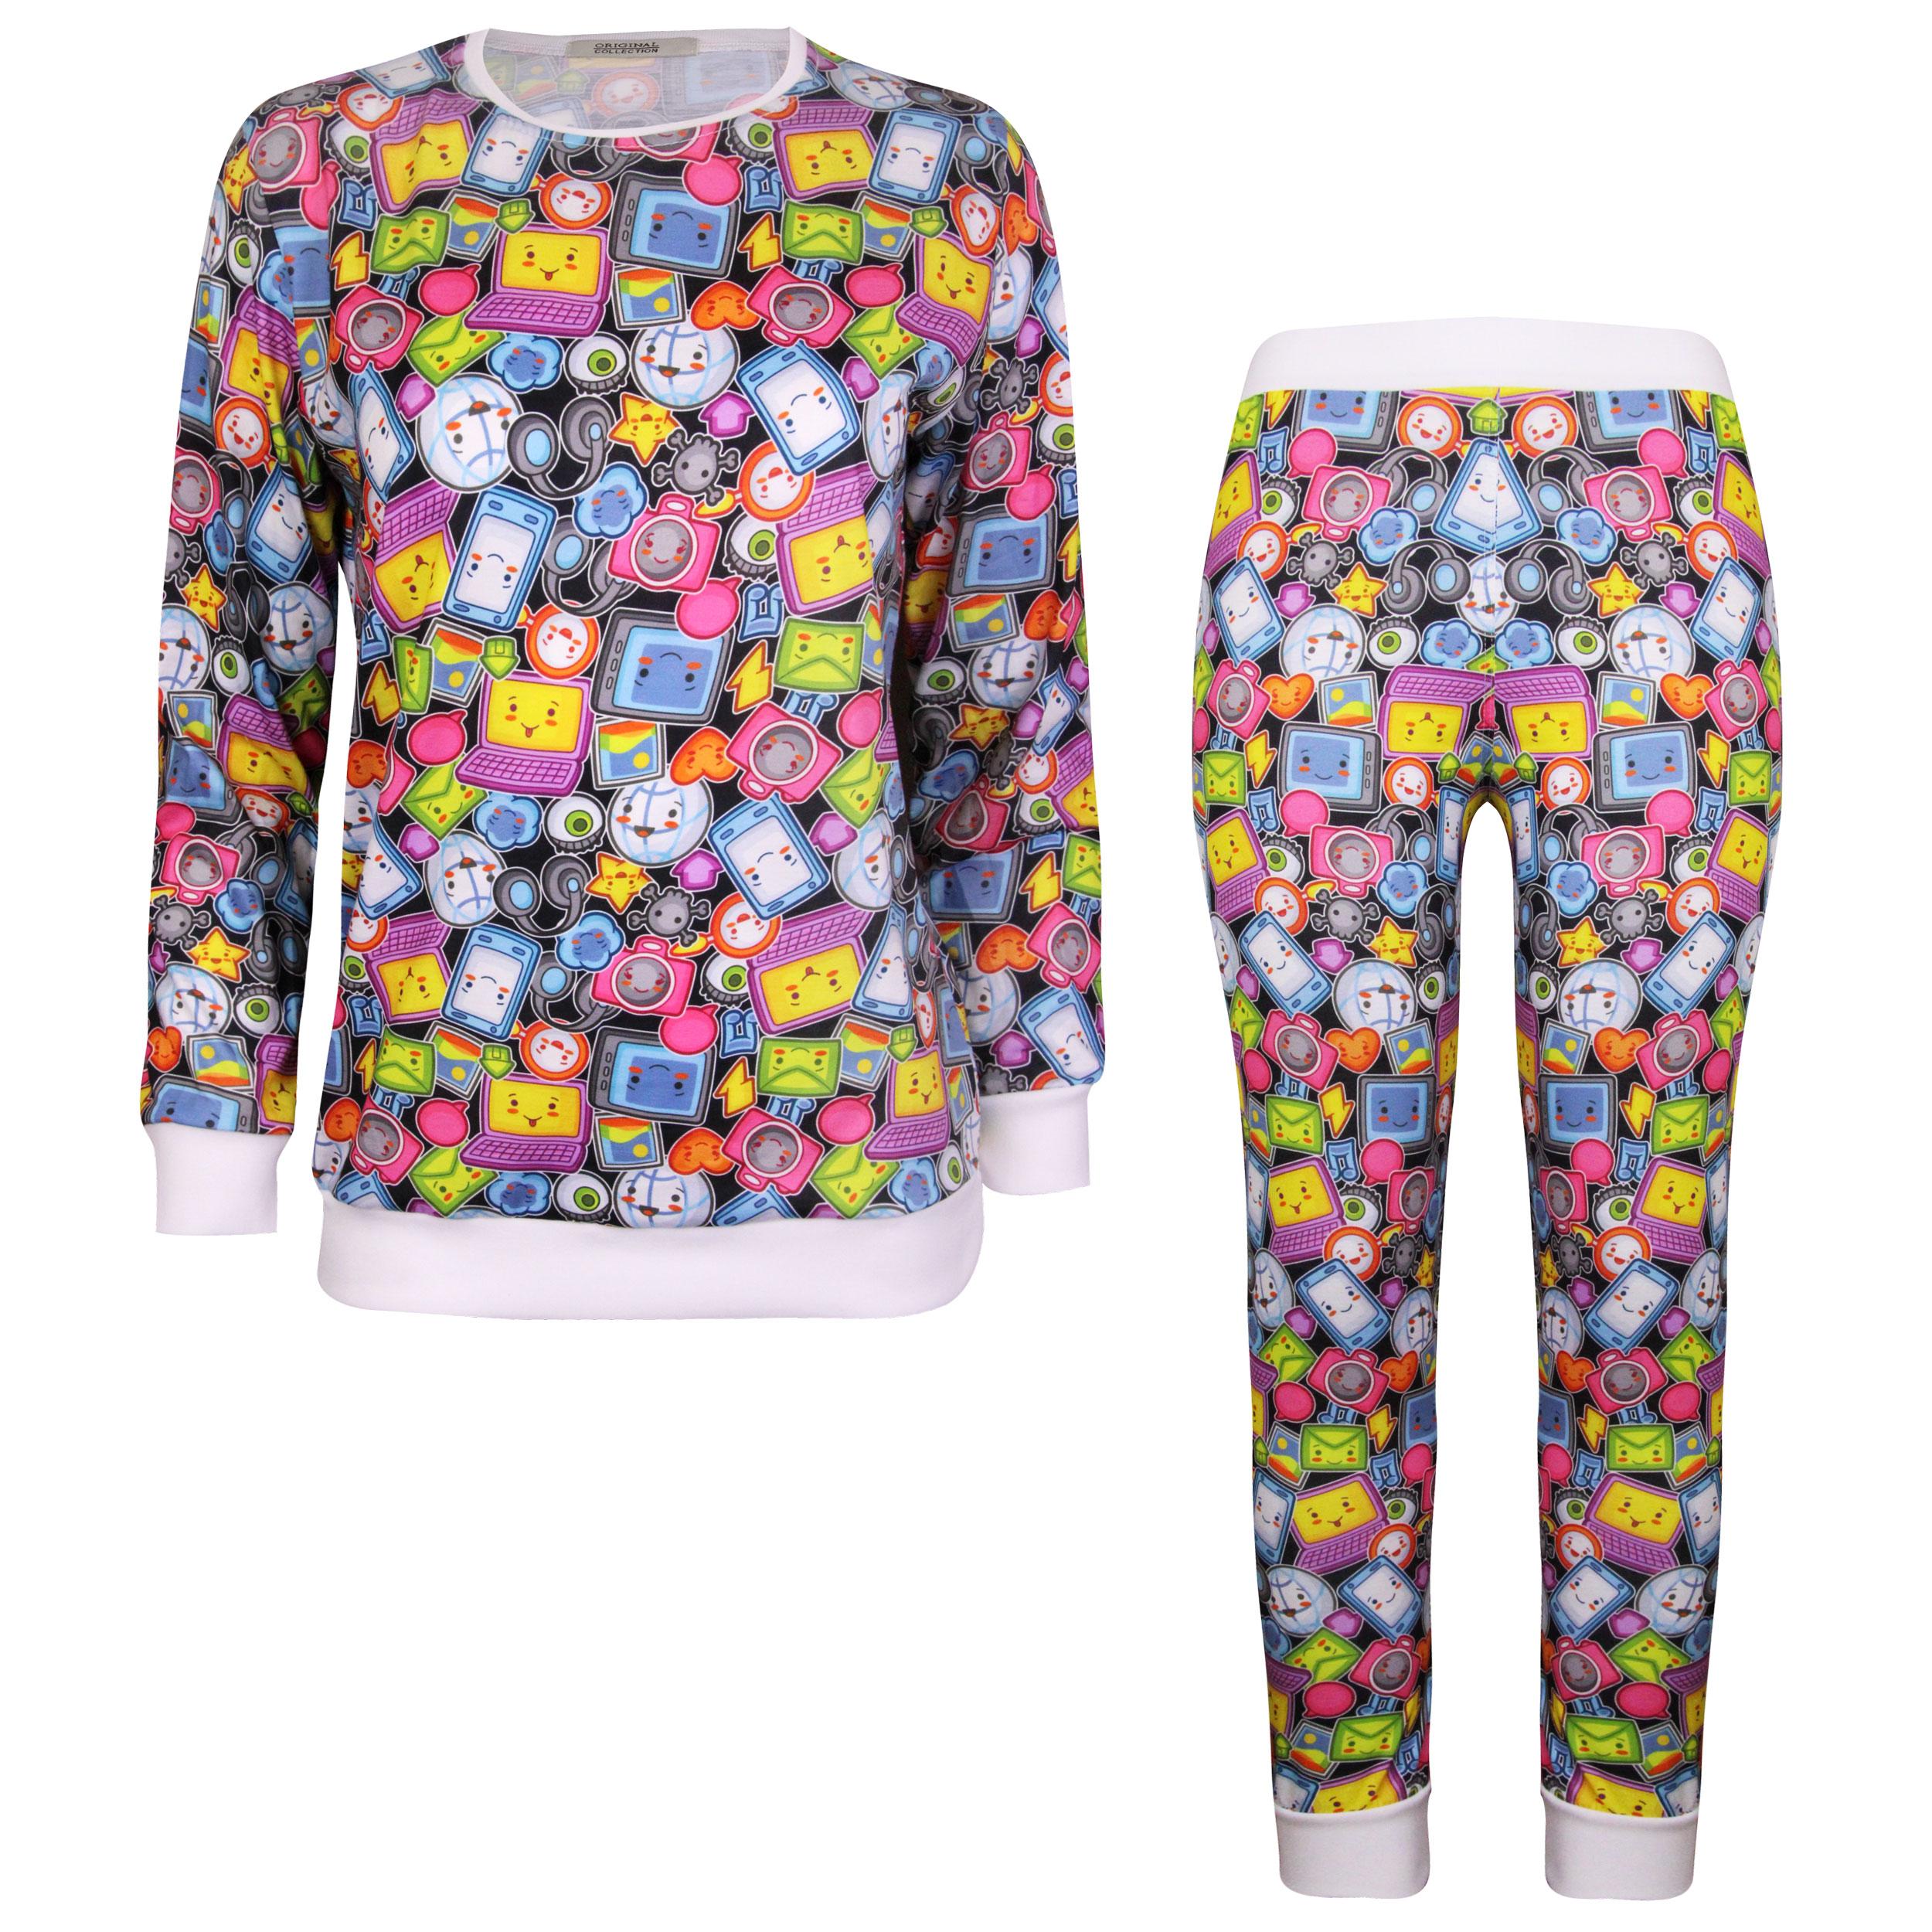 ست تی شرت و شلوار زنانه ماییلدا مدل 3587-3